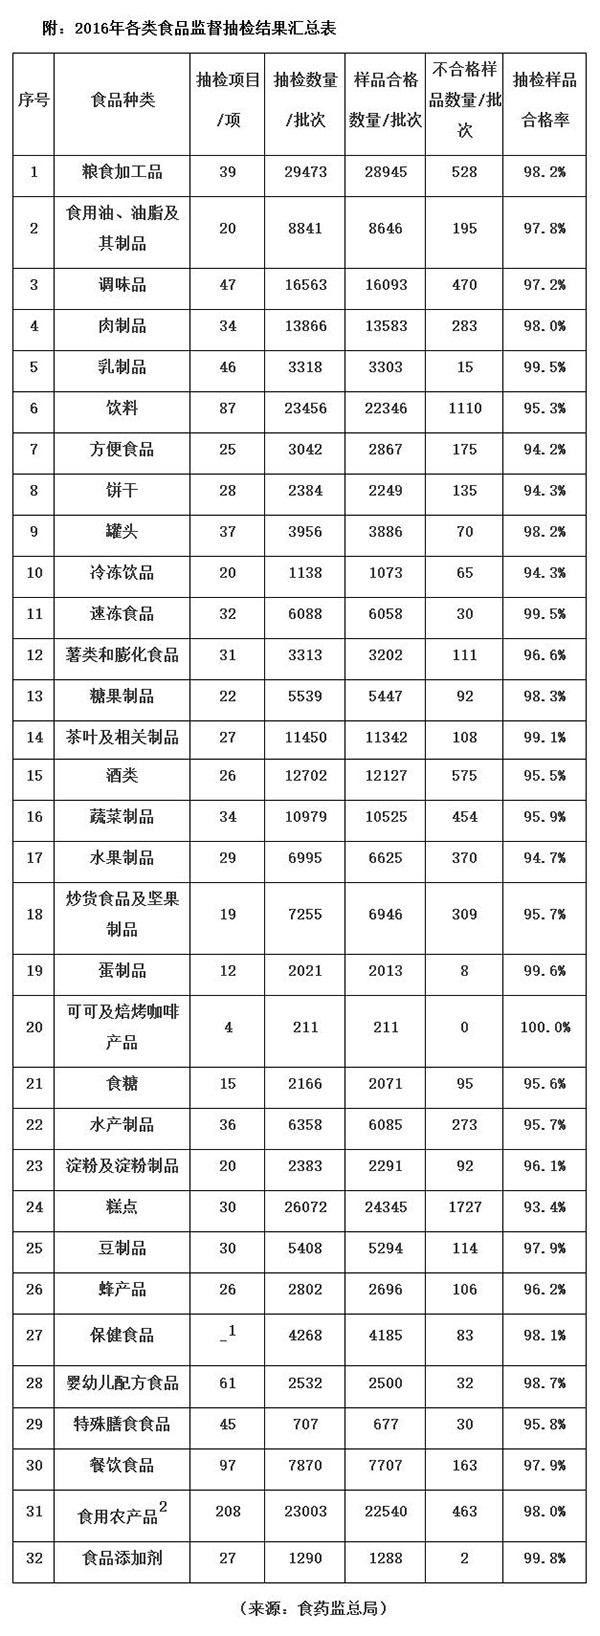 2016年食品抽检合格率96.8%jc.jpg